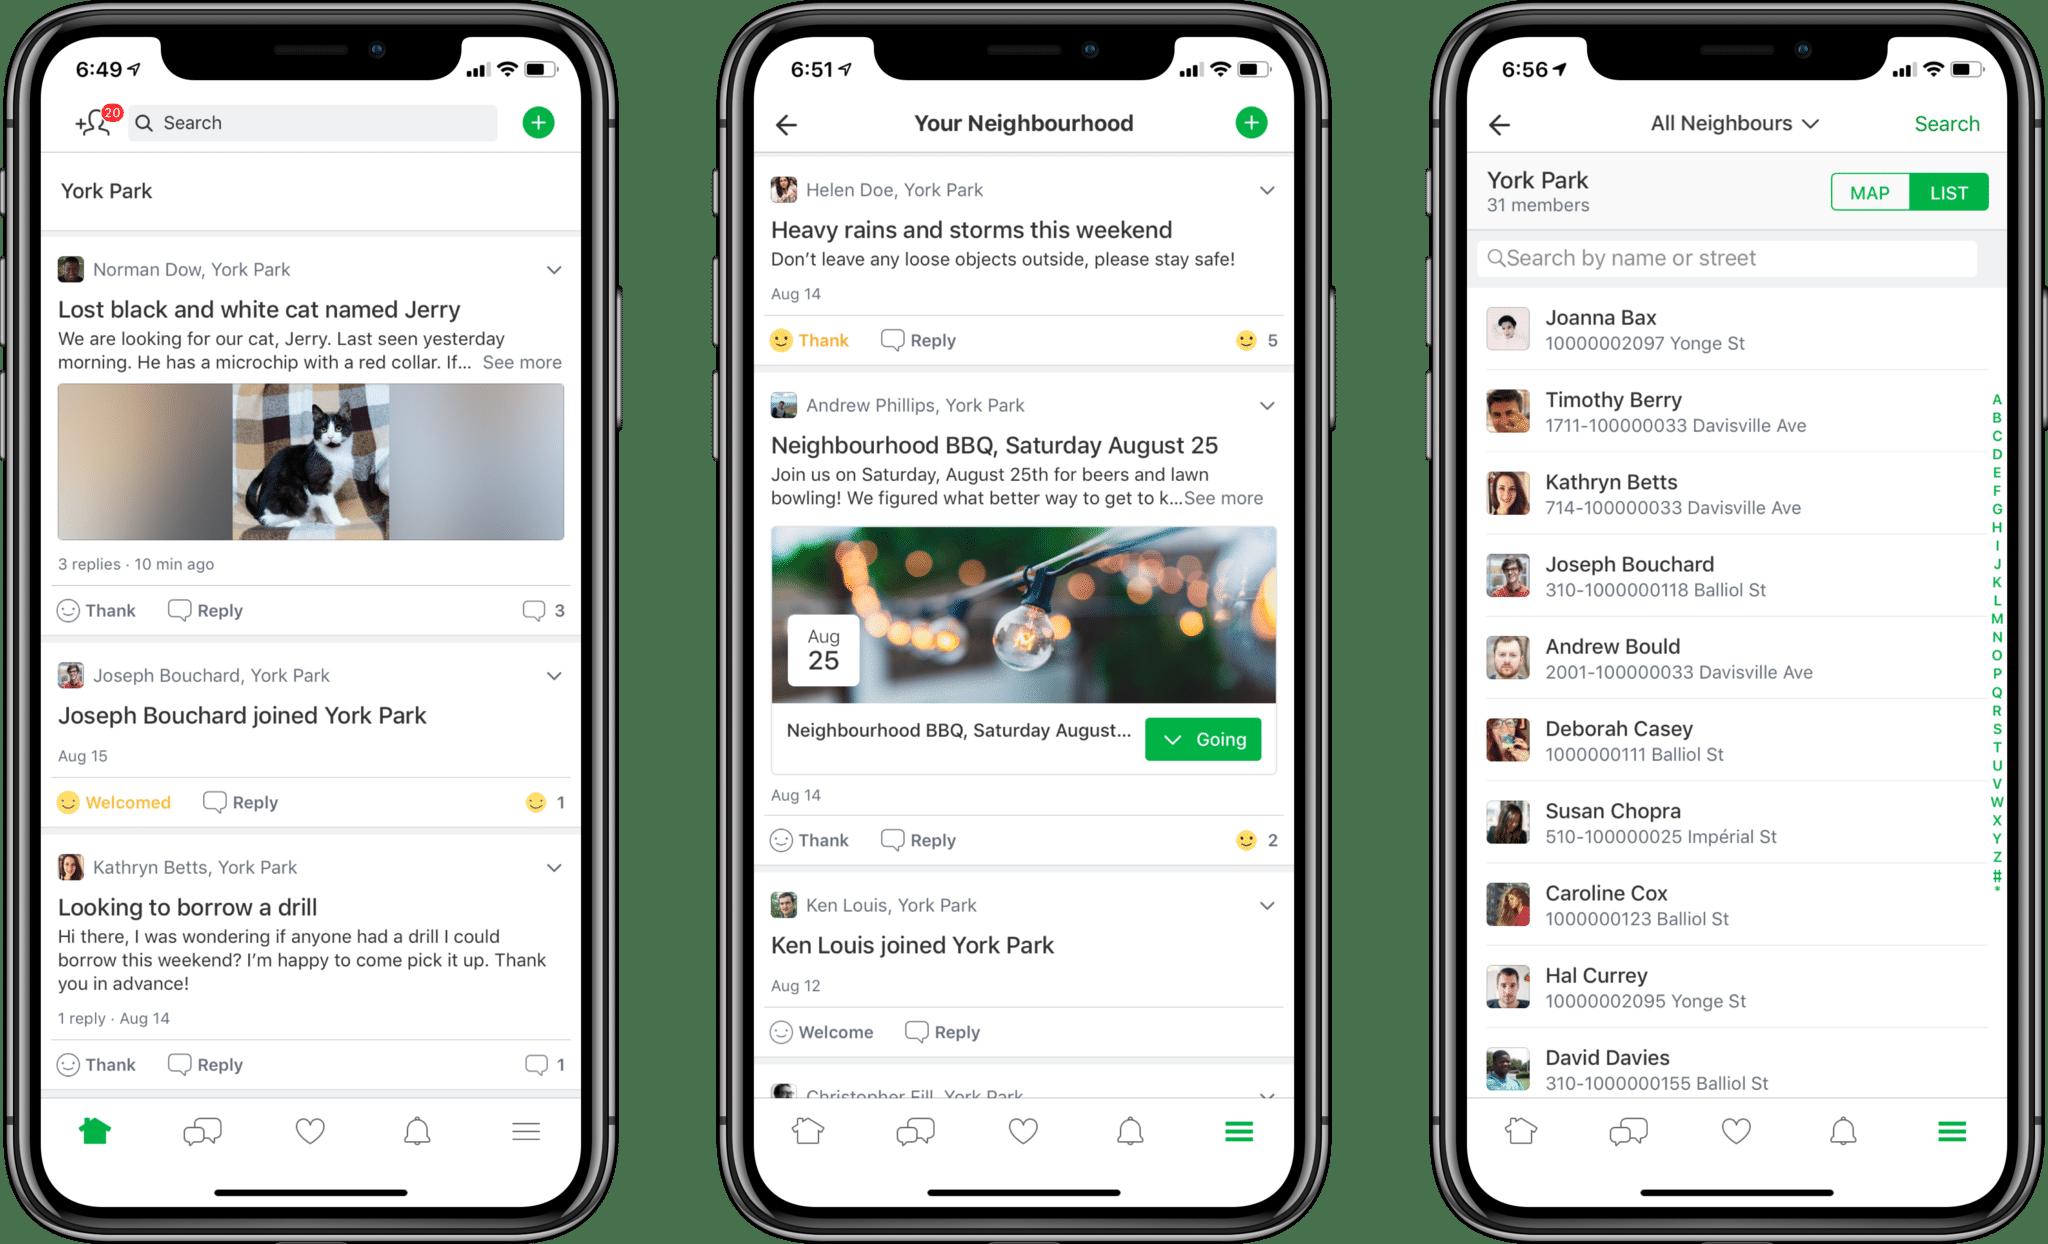 людей, публикующих сообщения на Nextdoor на 3 экранах